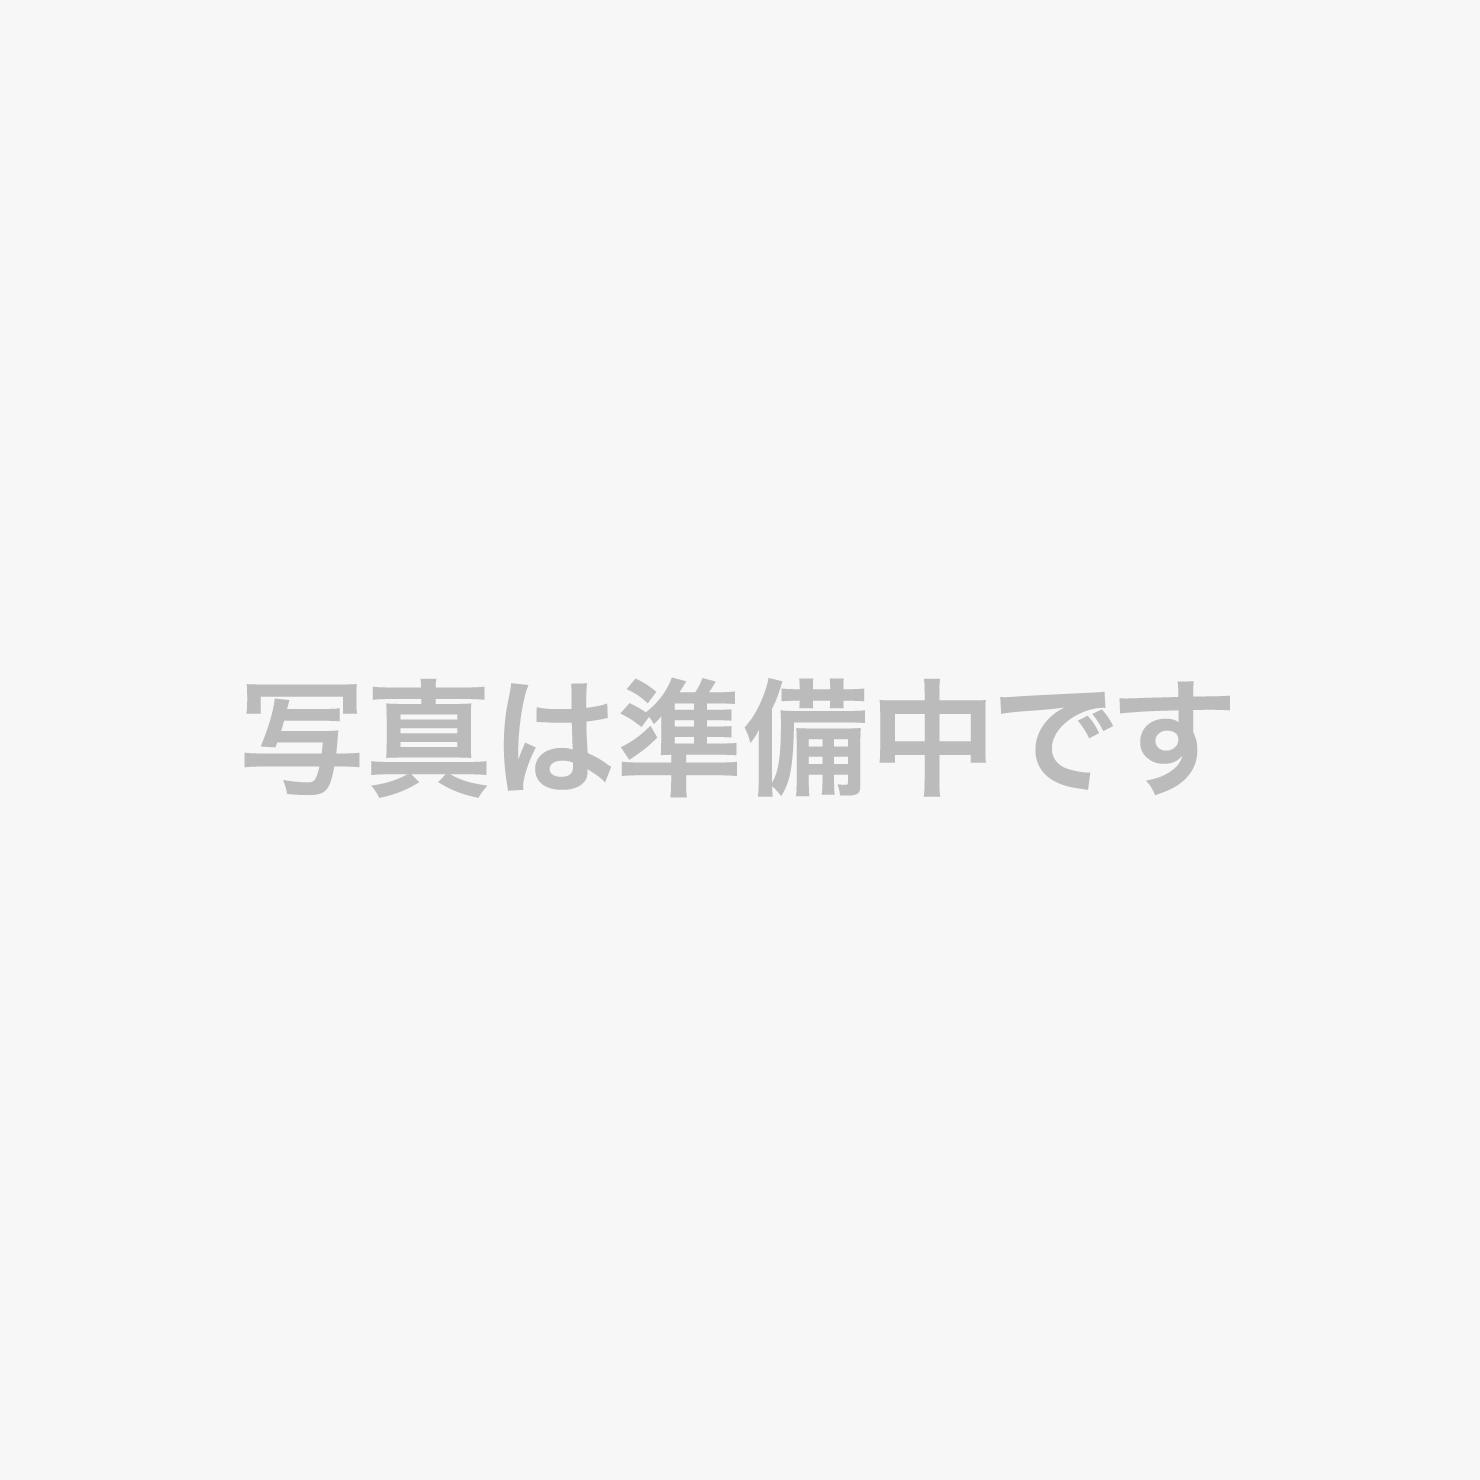 【ゲームコーナー】クレーンゲーム・太鼓の達人・マリオカートなど人気ゲームが勢揃い!